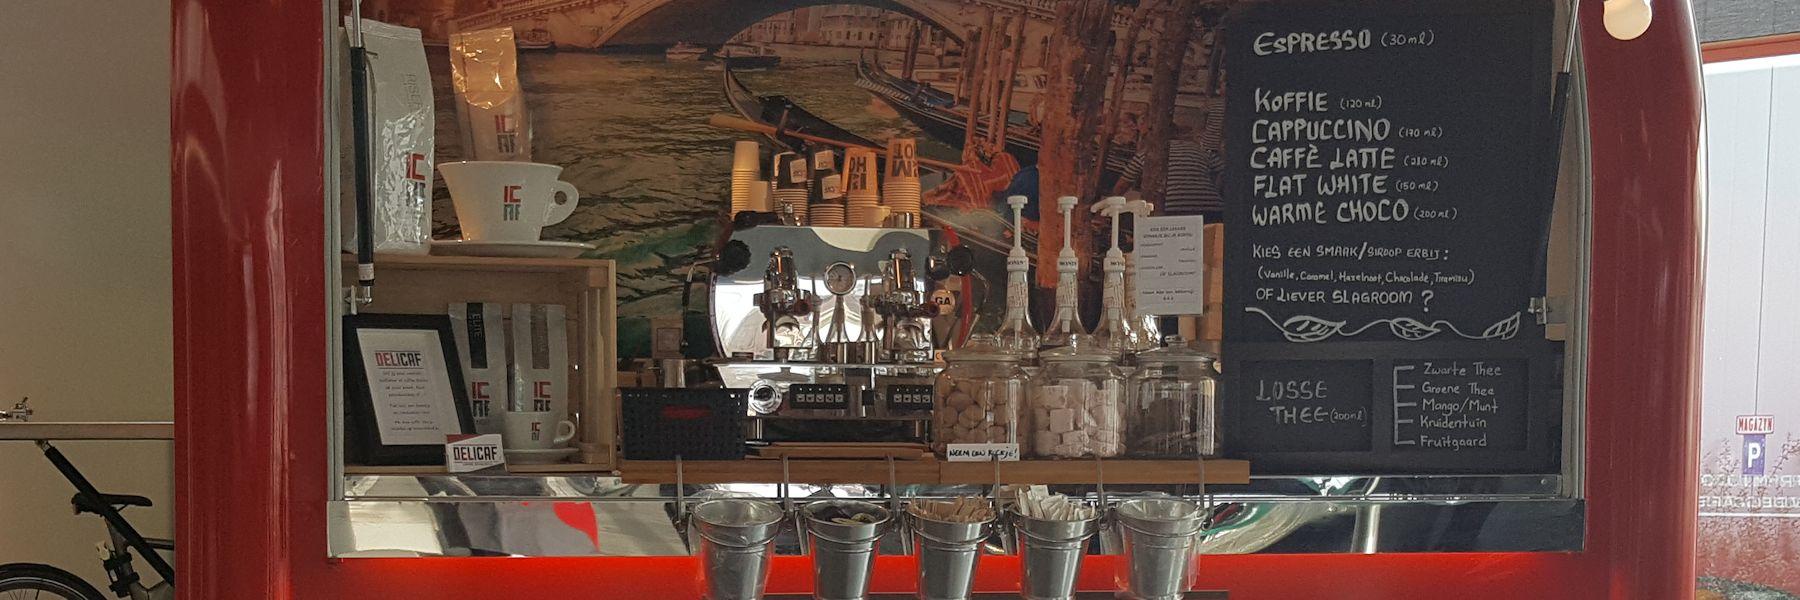 koffiebarcloseup